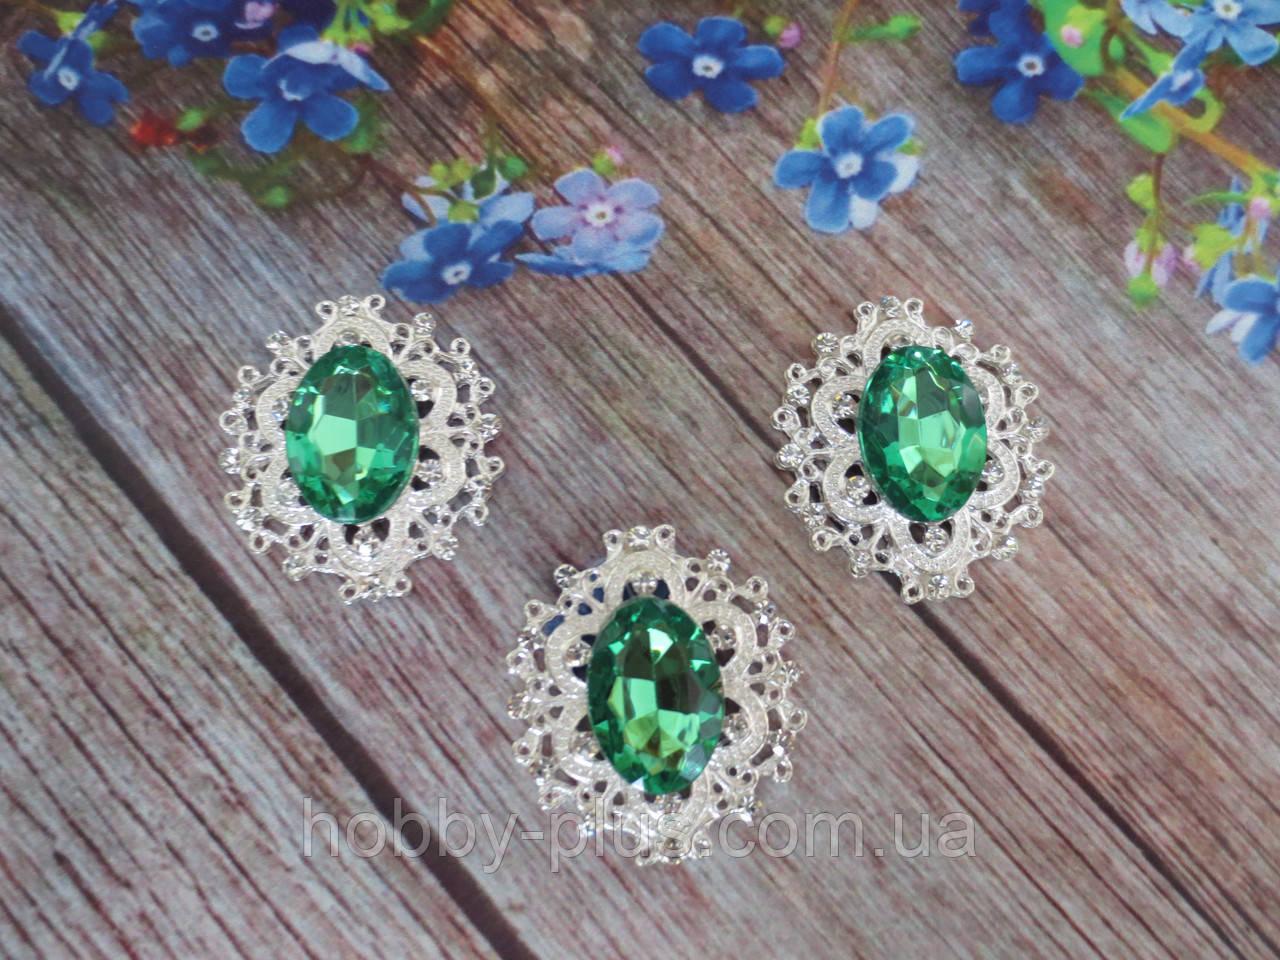 Металлический клеевой декор, 30х32 мм, цвет оправы серебро, цвет камня зеленый, 1 шт